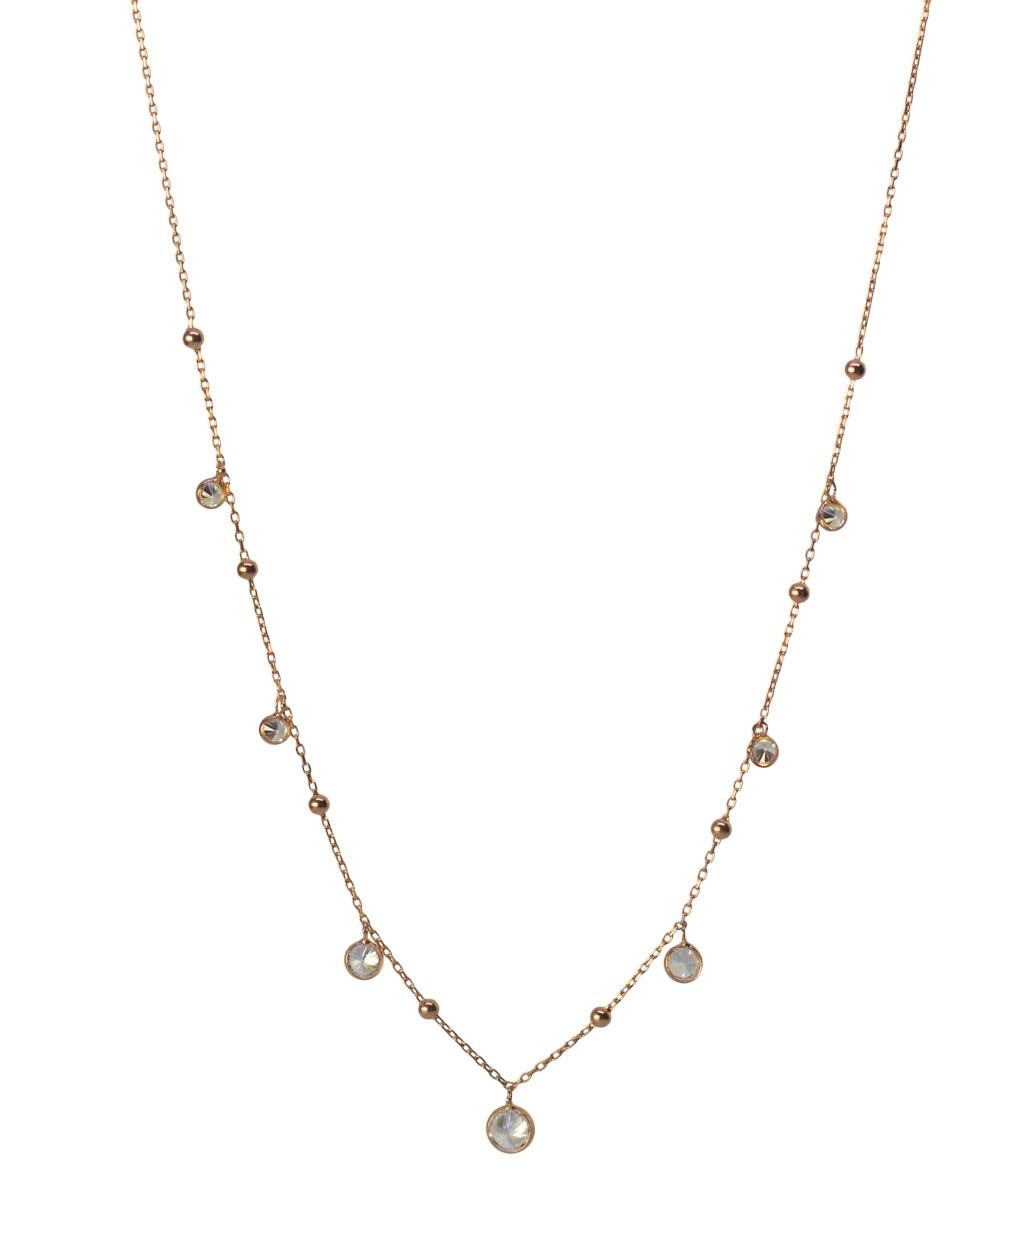 Gourmet Ball Silver Necklace